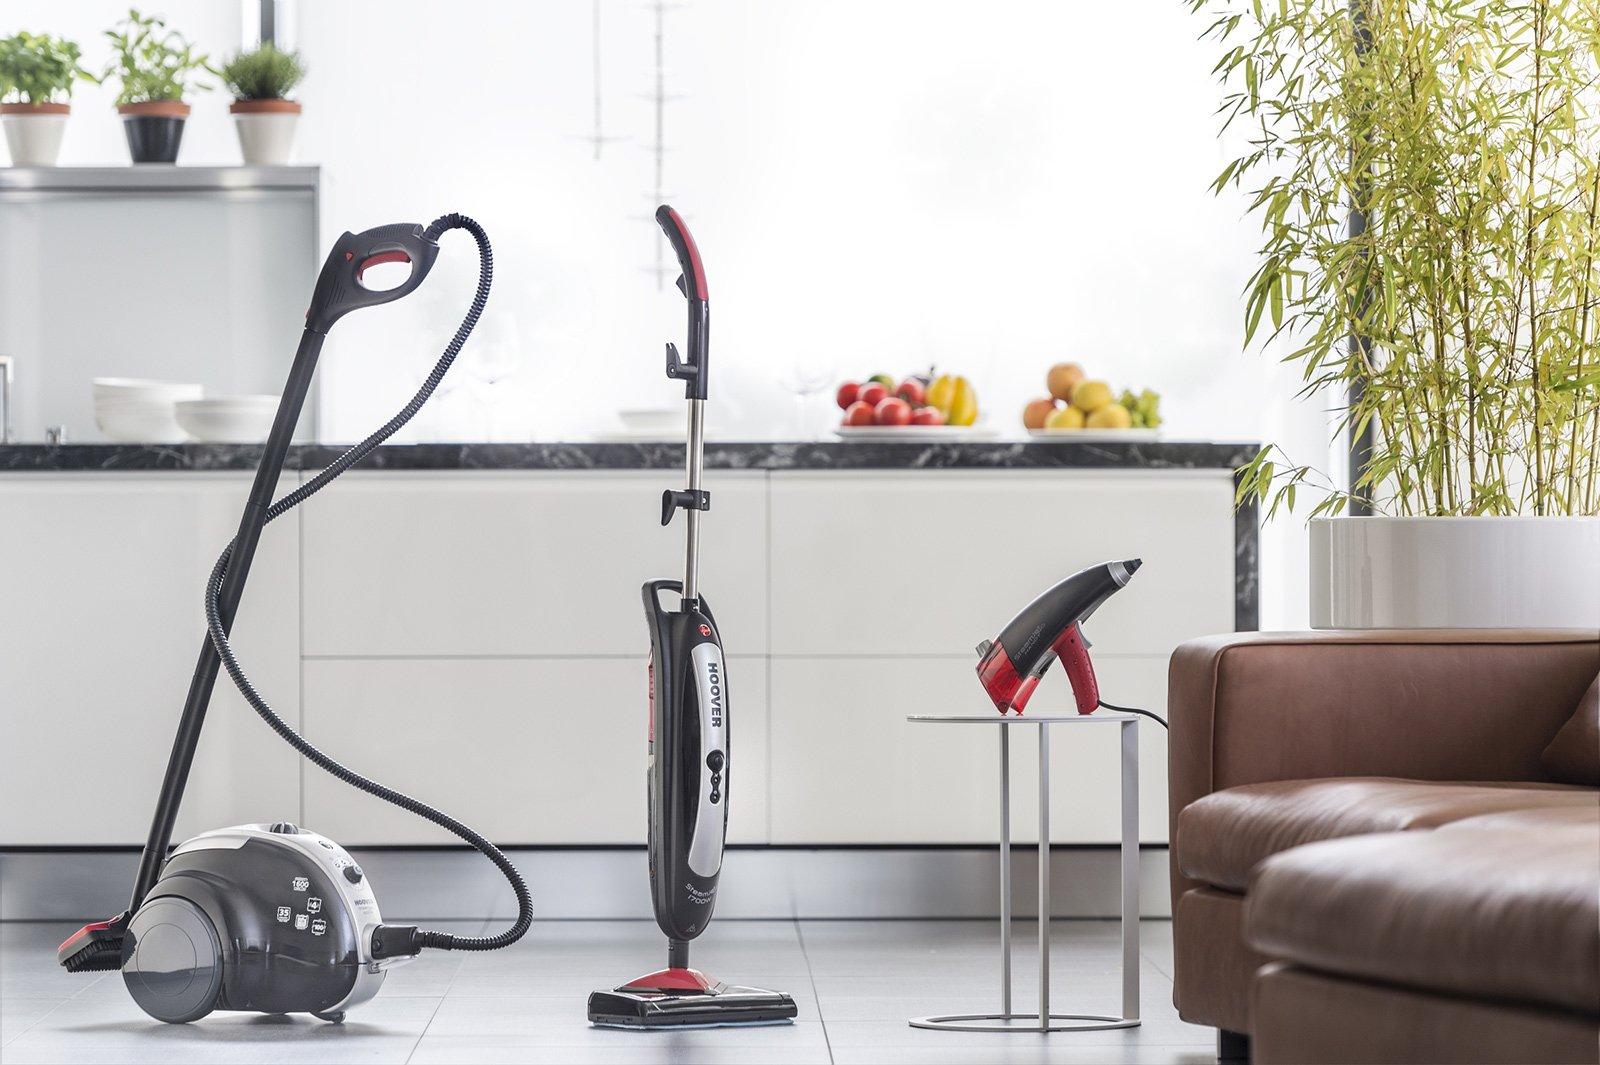 Pulitori a vapore igienici ed ecologici cose di casa - Prodotti per pulire le fughe dei pavimenti ...